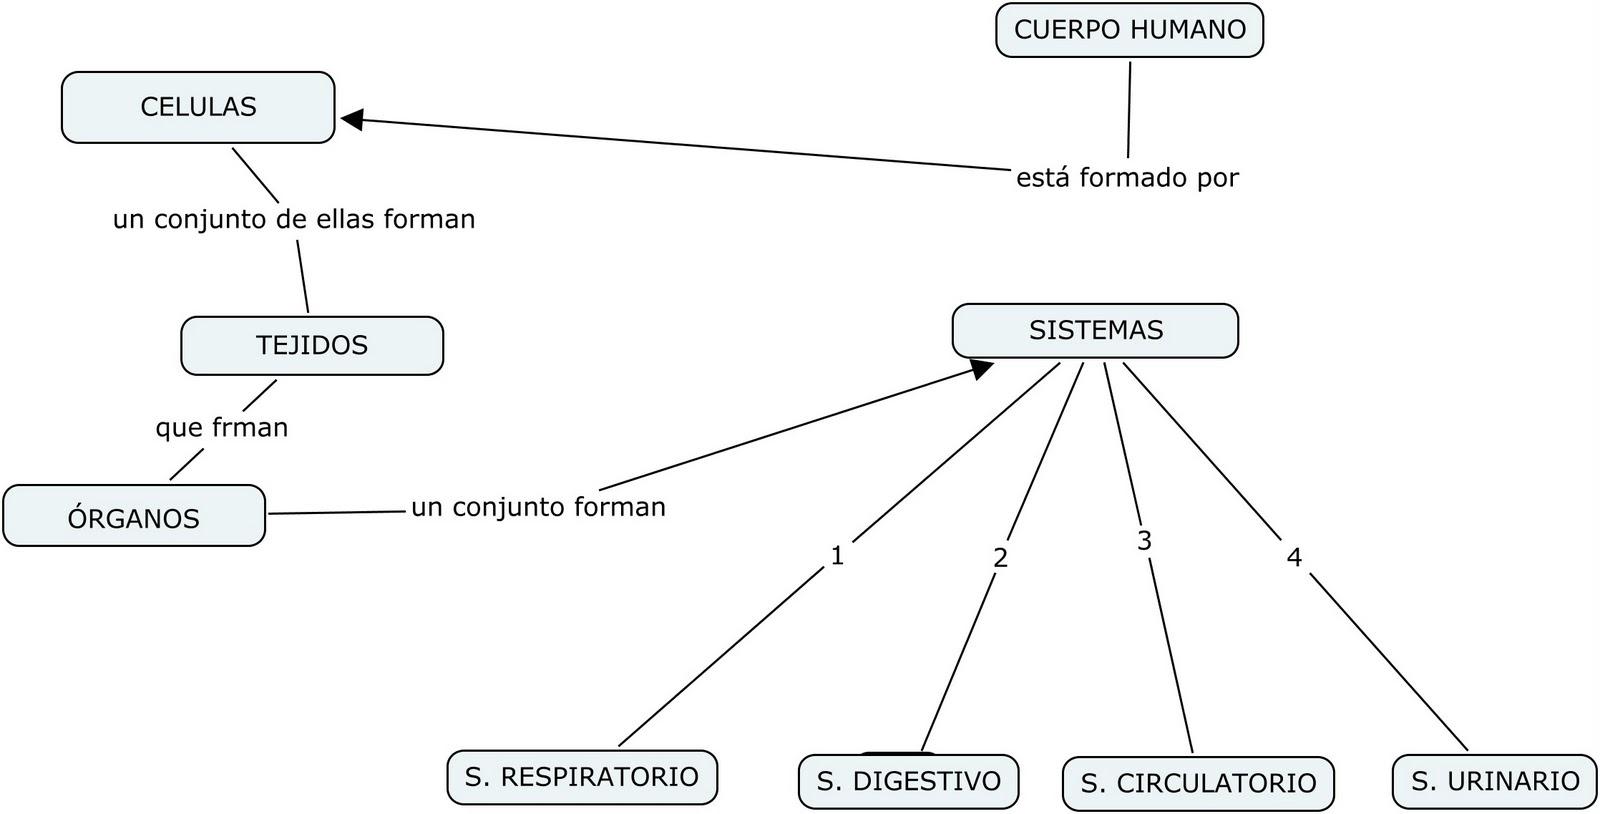 Reforzando ciencias naturales: Mapa conceptual cuerpo humano